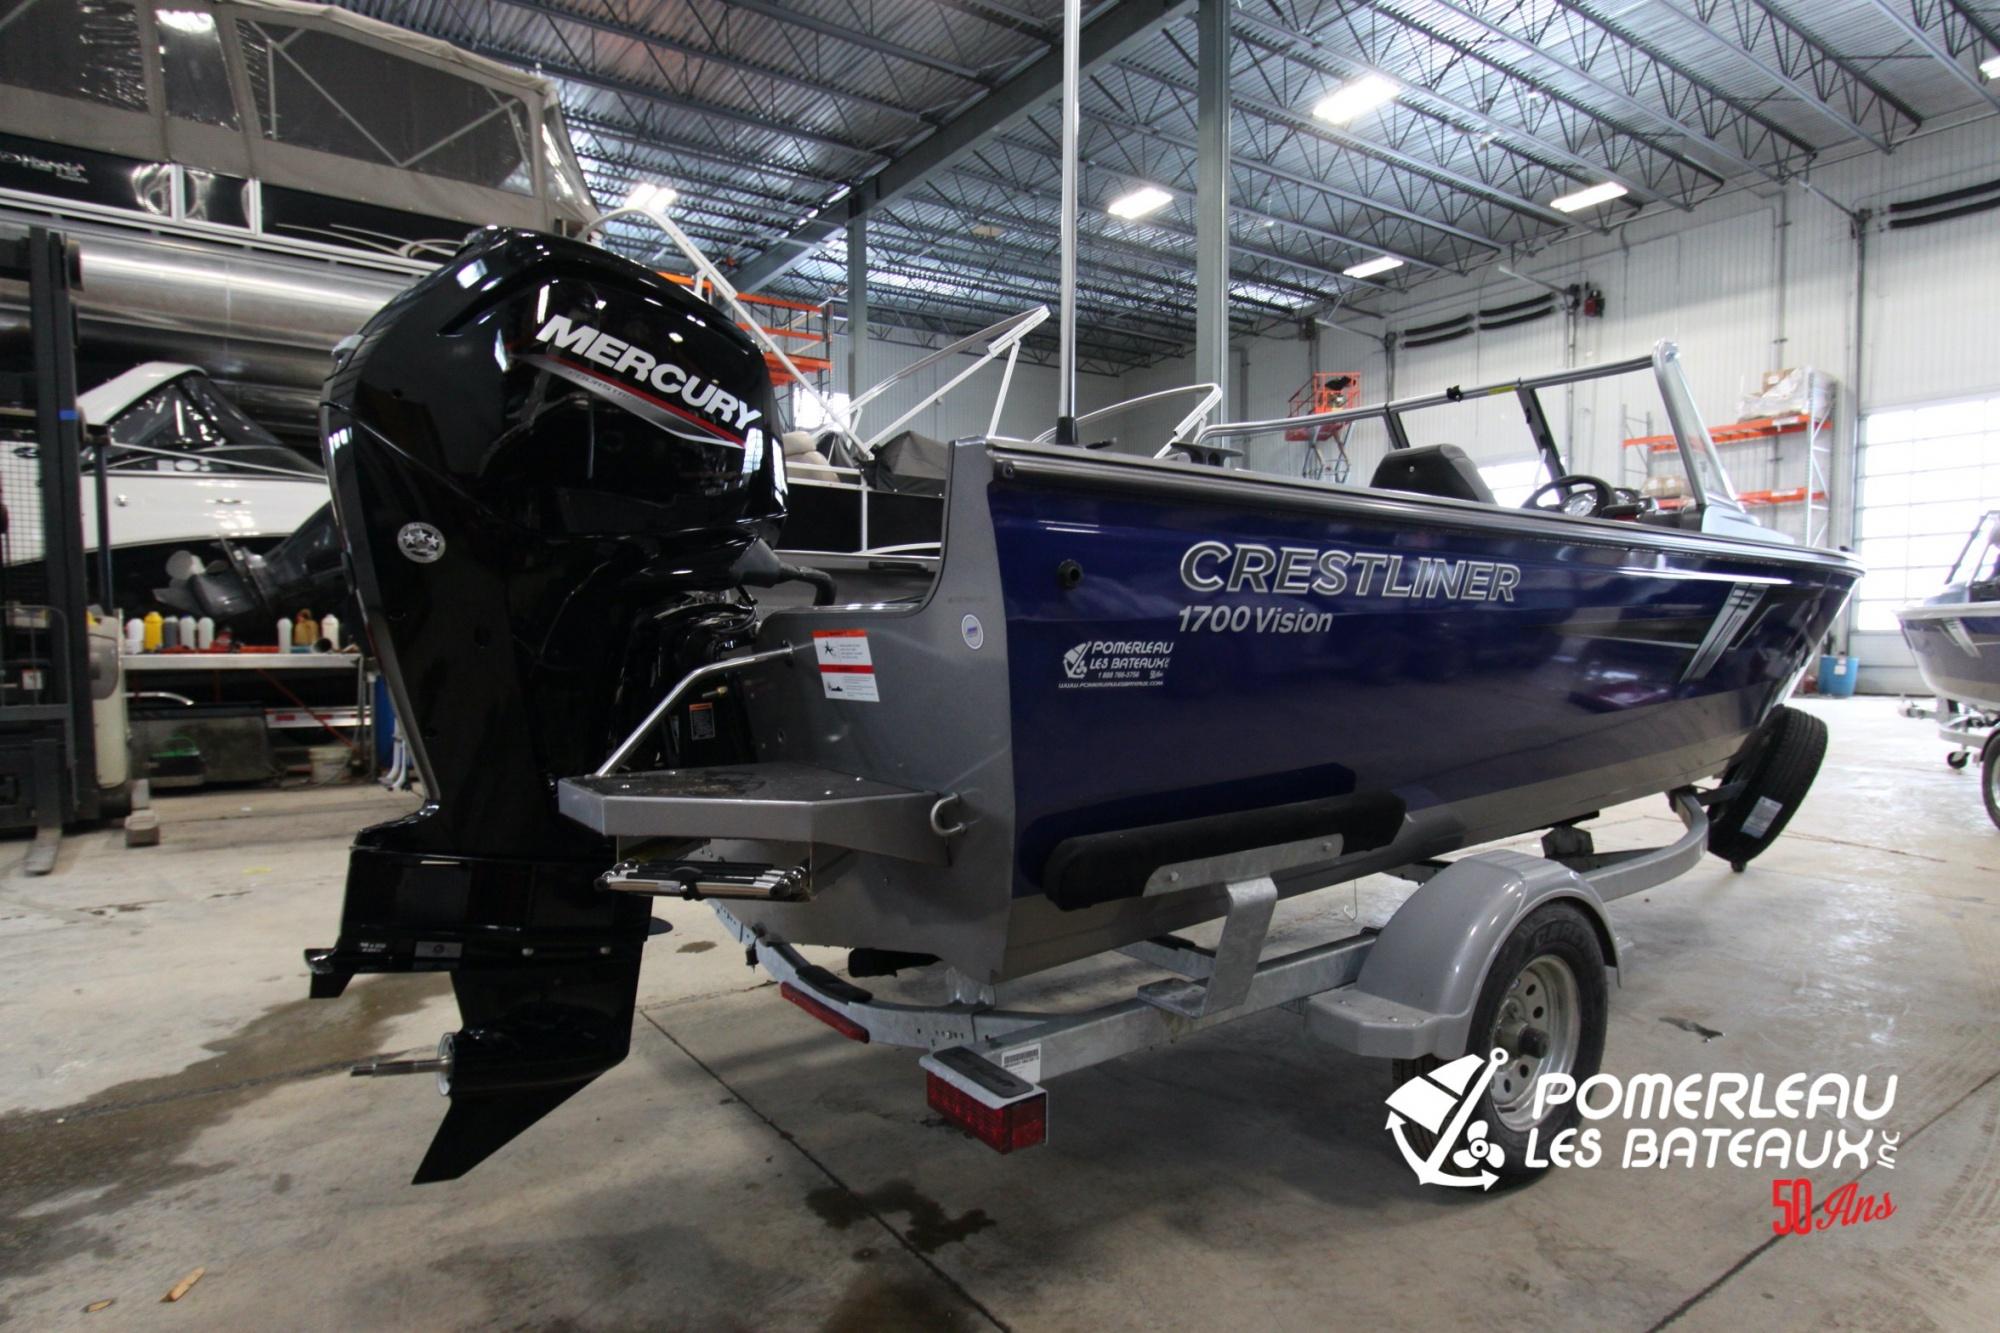 Crestliner Vision 1700 - IMG_1006